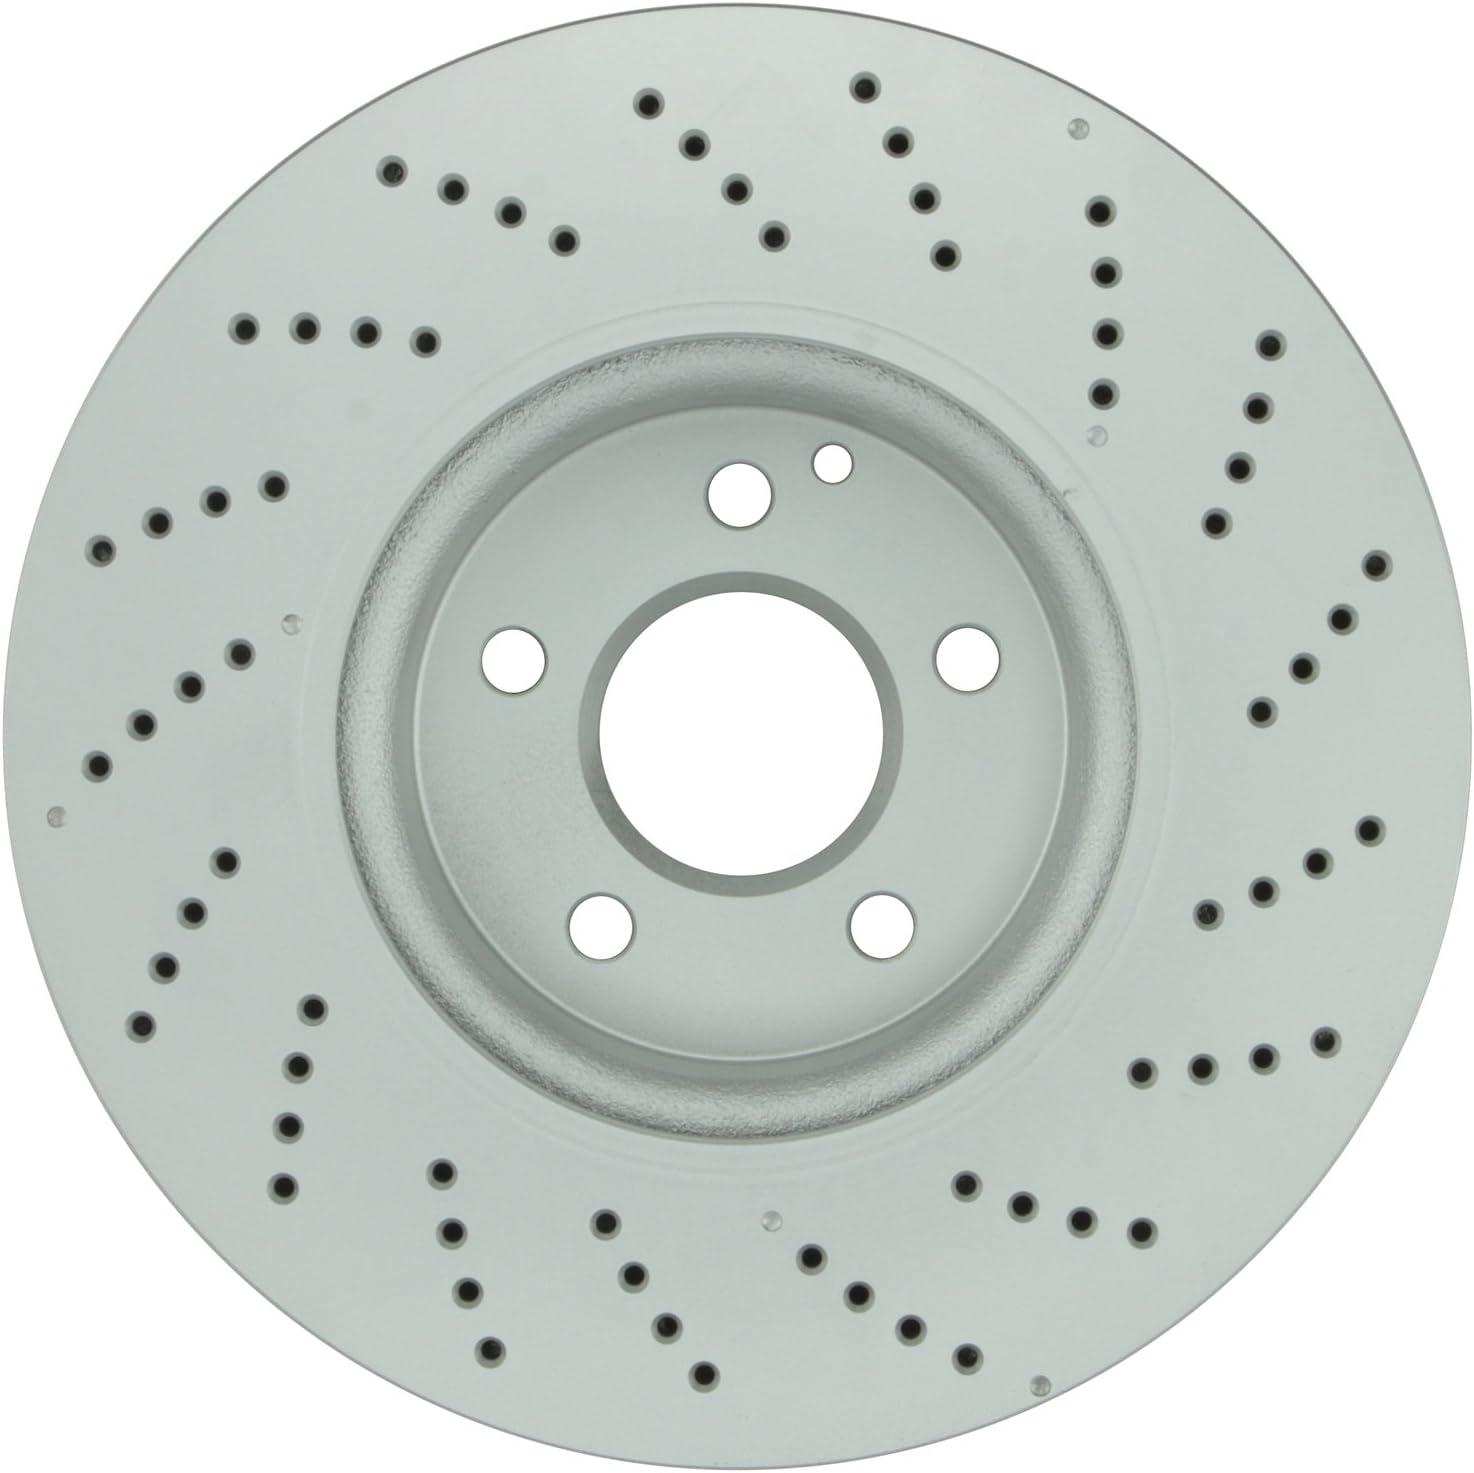 Bosch 36010973 QuietCast Premium Disc Brake Rotor